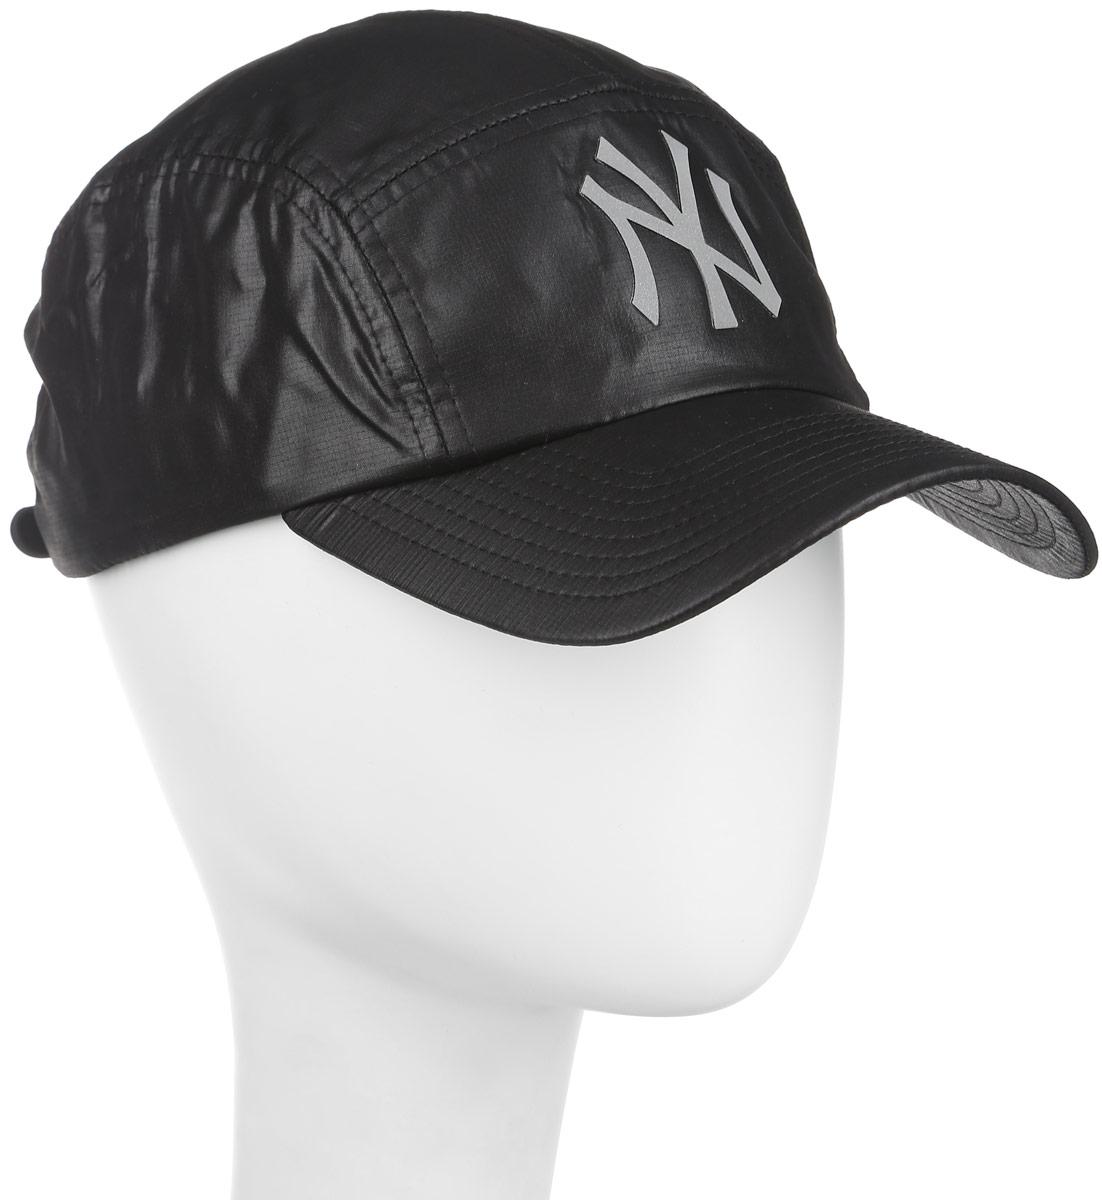 Бейсболка Rip Run. 11210211-BLK11210211-BLKСтильная бейсболка New Era Forty Flecked Trucker, выполненная из высококачественного материала, идеально подойдет для прогулок, занятий спортом и отдыха. Изделие оформлено логотипом знаменитой бейсбольной команды New York Yankees и логотипом бренда New Era. Бейсболка надежно защитит вас от солнца и ветра. Объем бейсболки регулируется липучкой. Ничто не говорит о настоящем любителе путешествий больше, чем любимая кепка. Эта модель станет отличным аксессуаром и дополнит ваш повседневный образ.